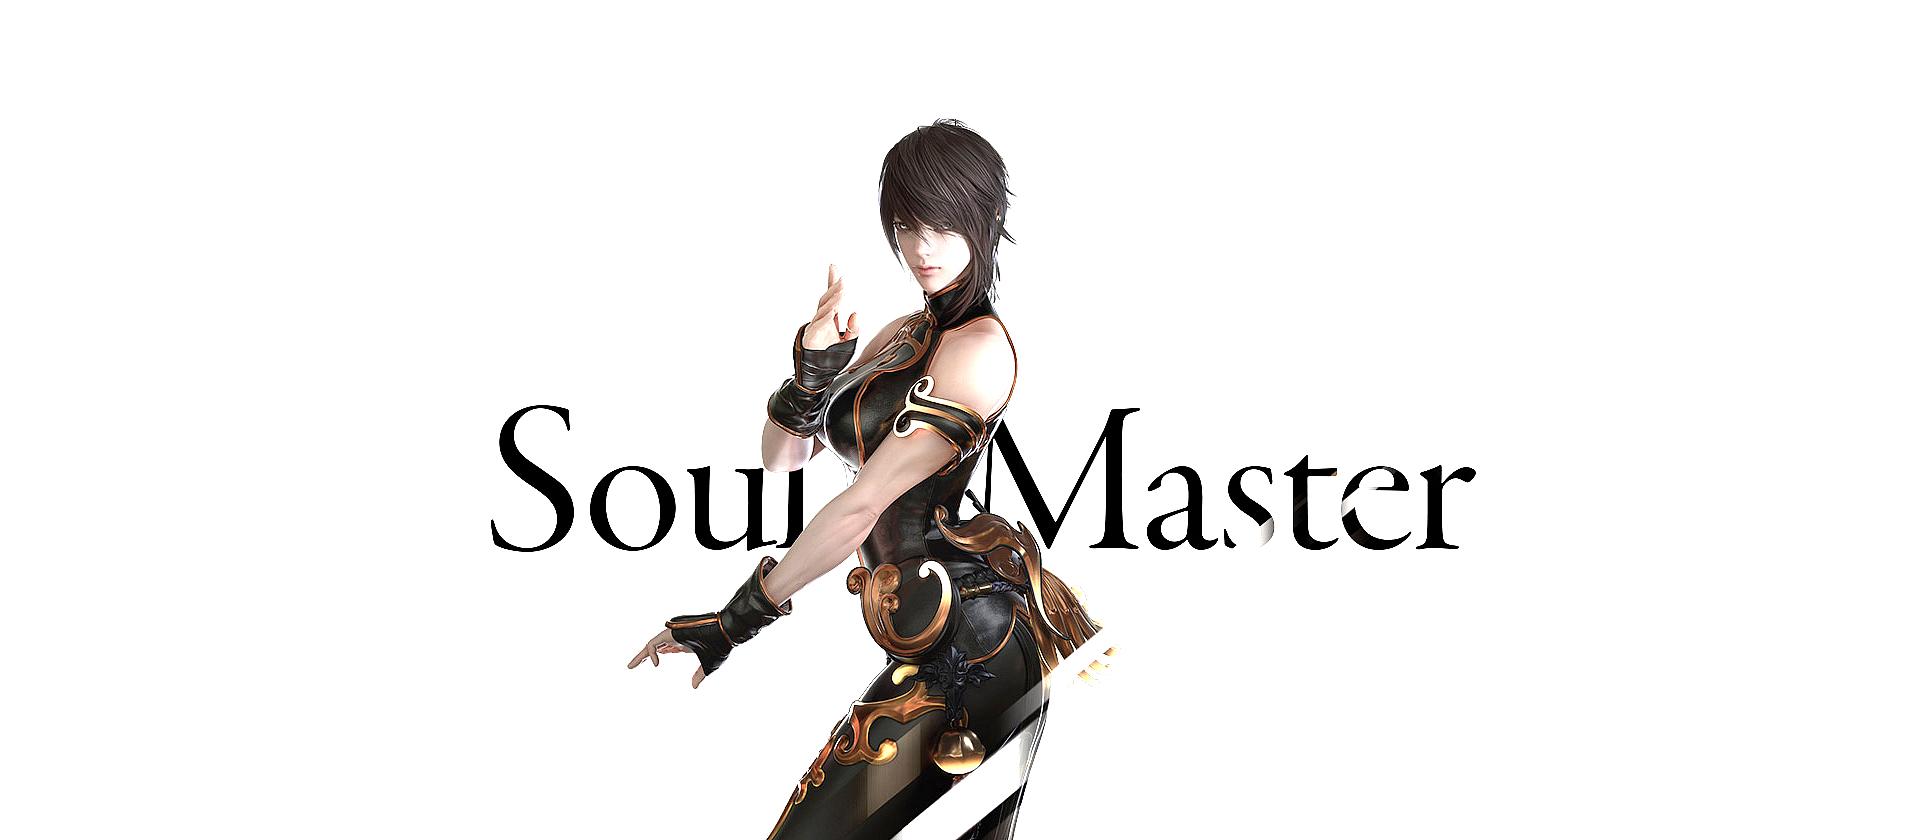 SoulMaster en Lost Ark Online, una de las tres subclases de Fighter.